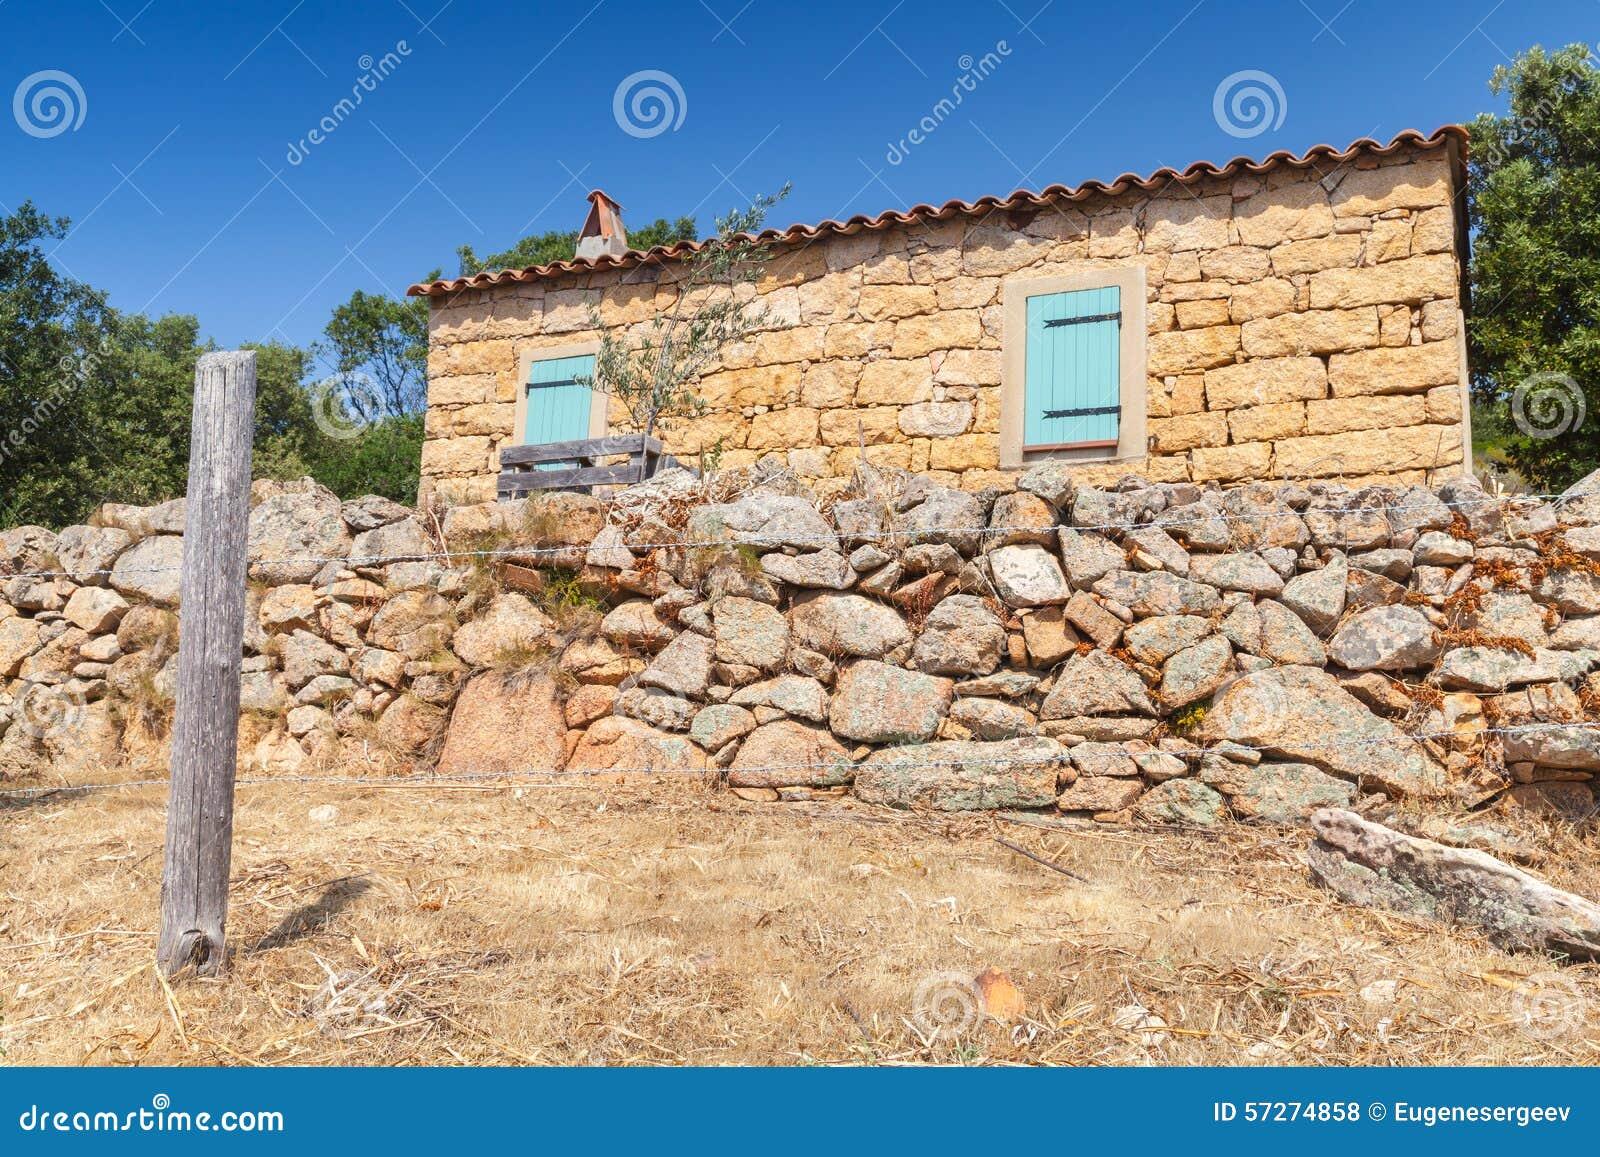 La corse du sud paysage rural avec la vieille typique maison photo stock i - La maison du convertible nice ...